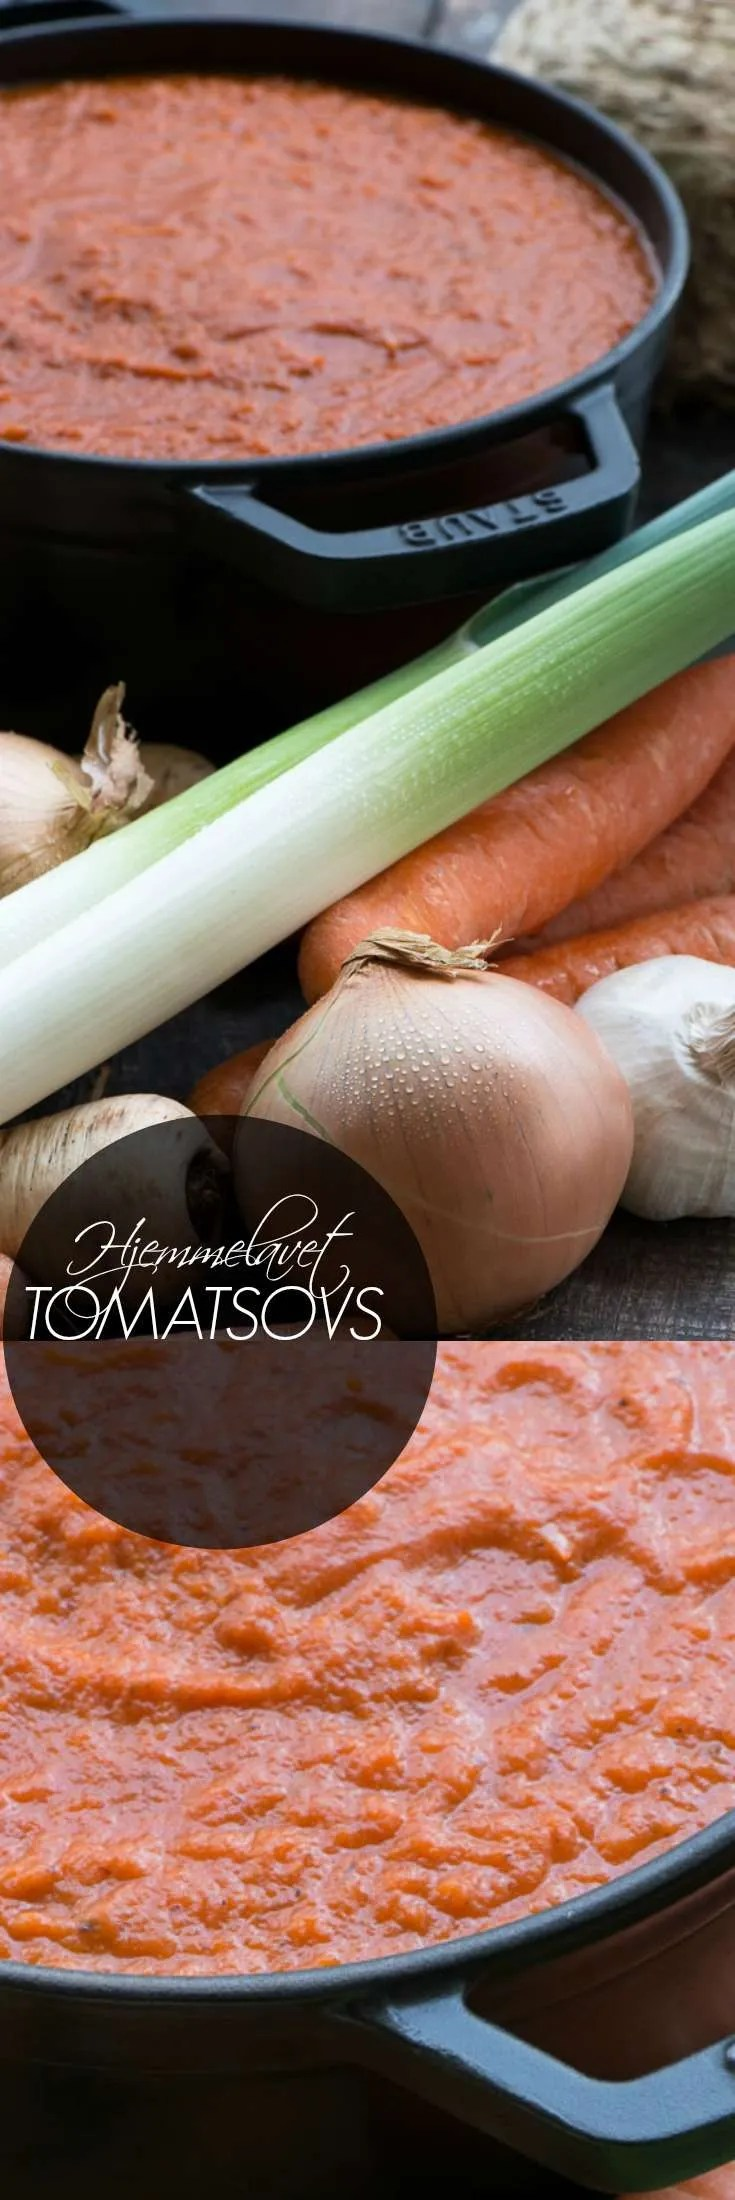 Hjemmelavet tomatsovs er sundt og lækkert. Med tomatsovs i fryseren kan du nemt fremtrylle familiens livretter. Få opskriften hos Marinas Mad der også har links til mange retter der kan laves med tomatsovsen. Reder aftensmaden på de travle dage.